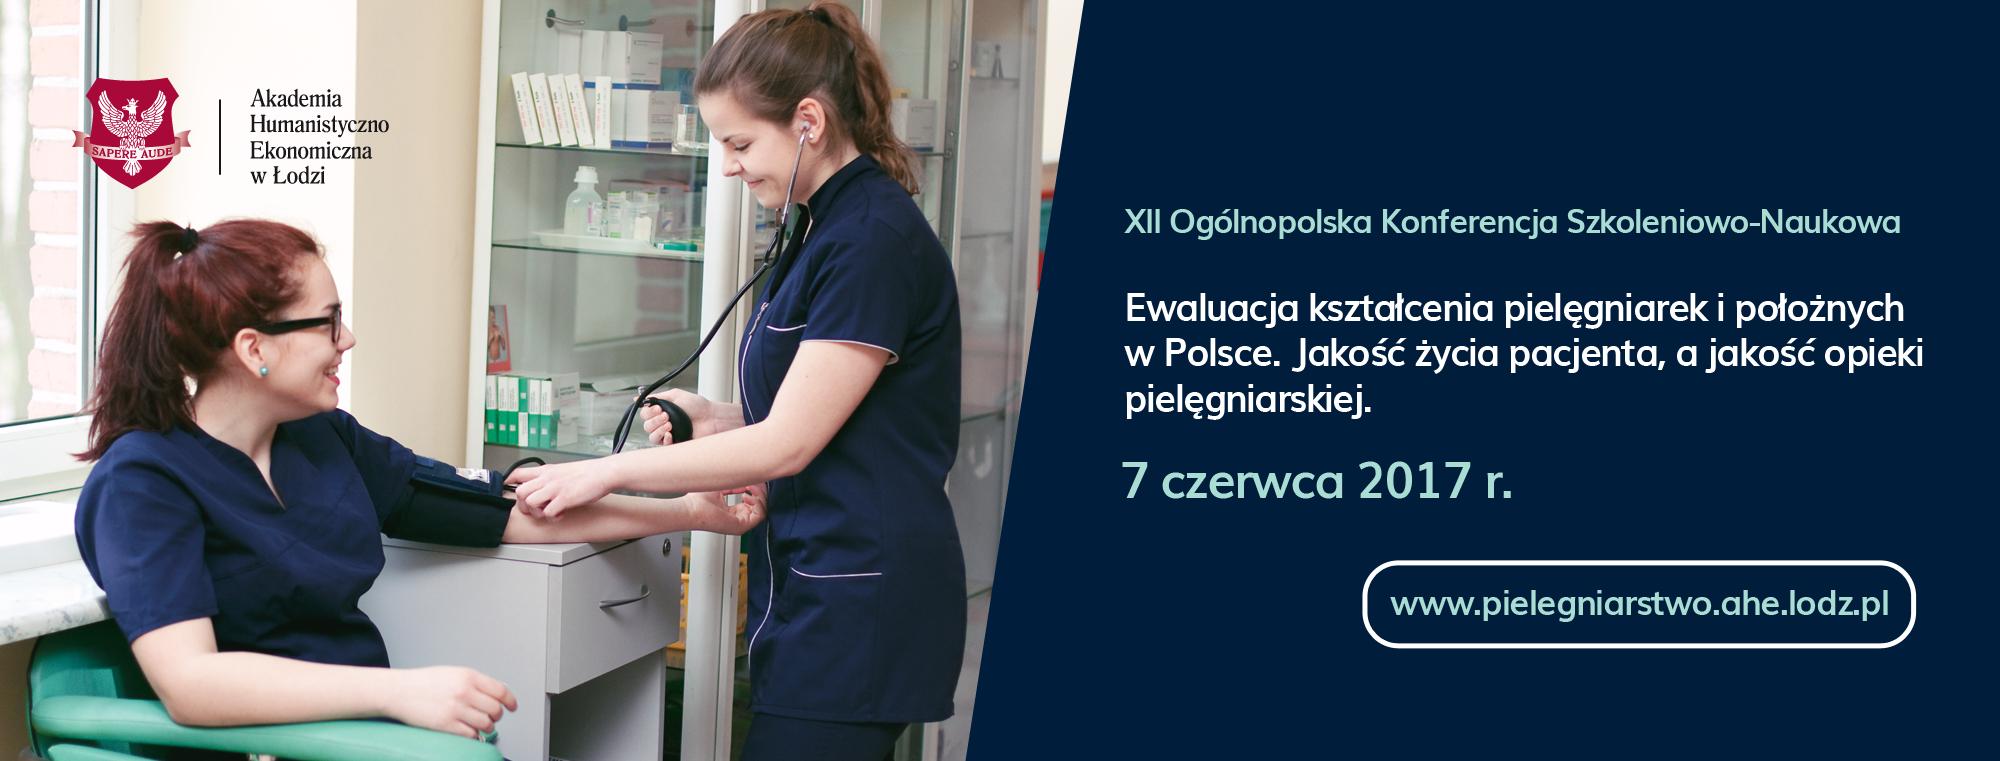 """""""Ewaluacja kształcenia pielęgniarek i położnych w Polsce. Jakość życia pacjenta, a jakość opieki pielęgniarskiej"""""""